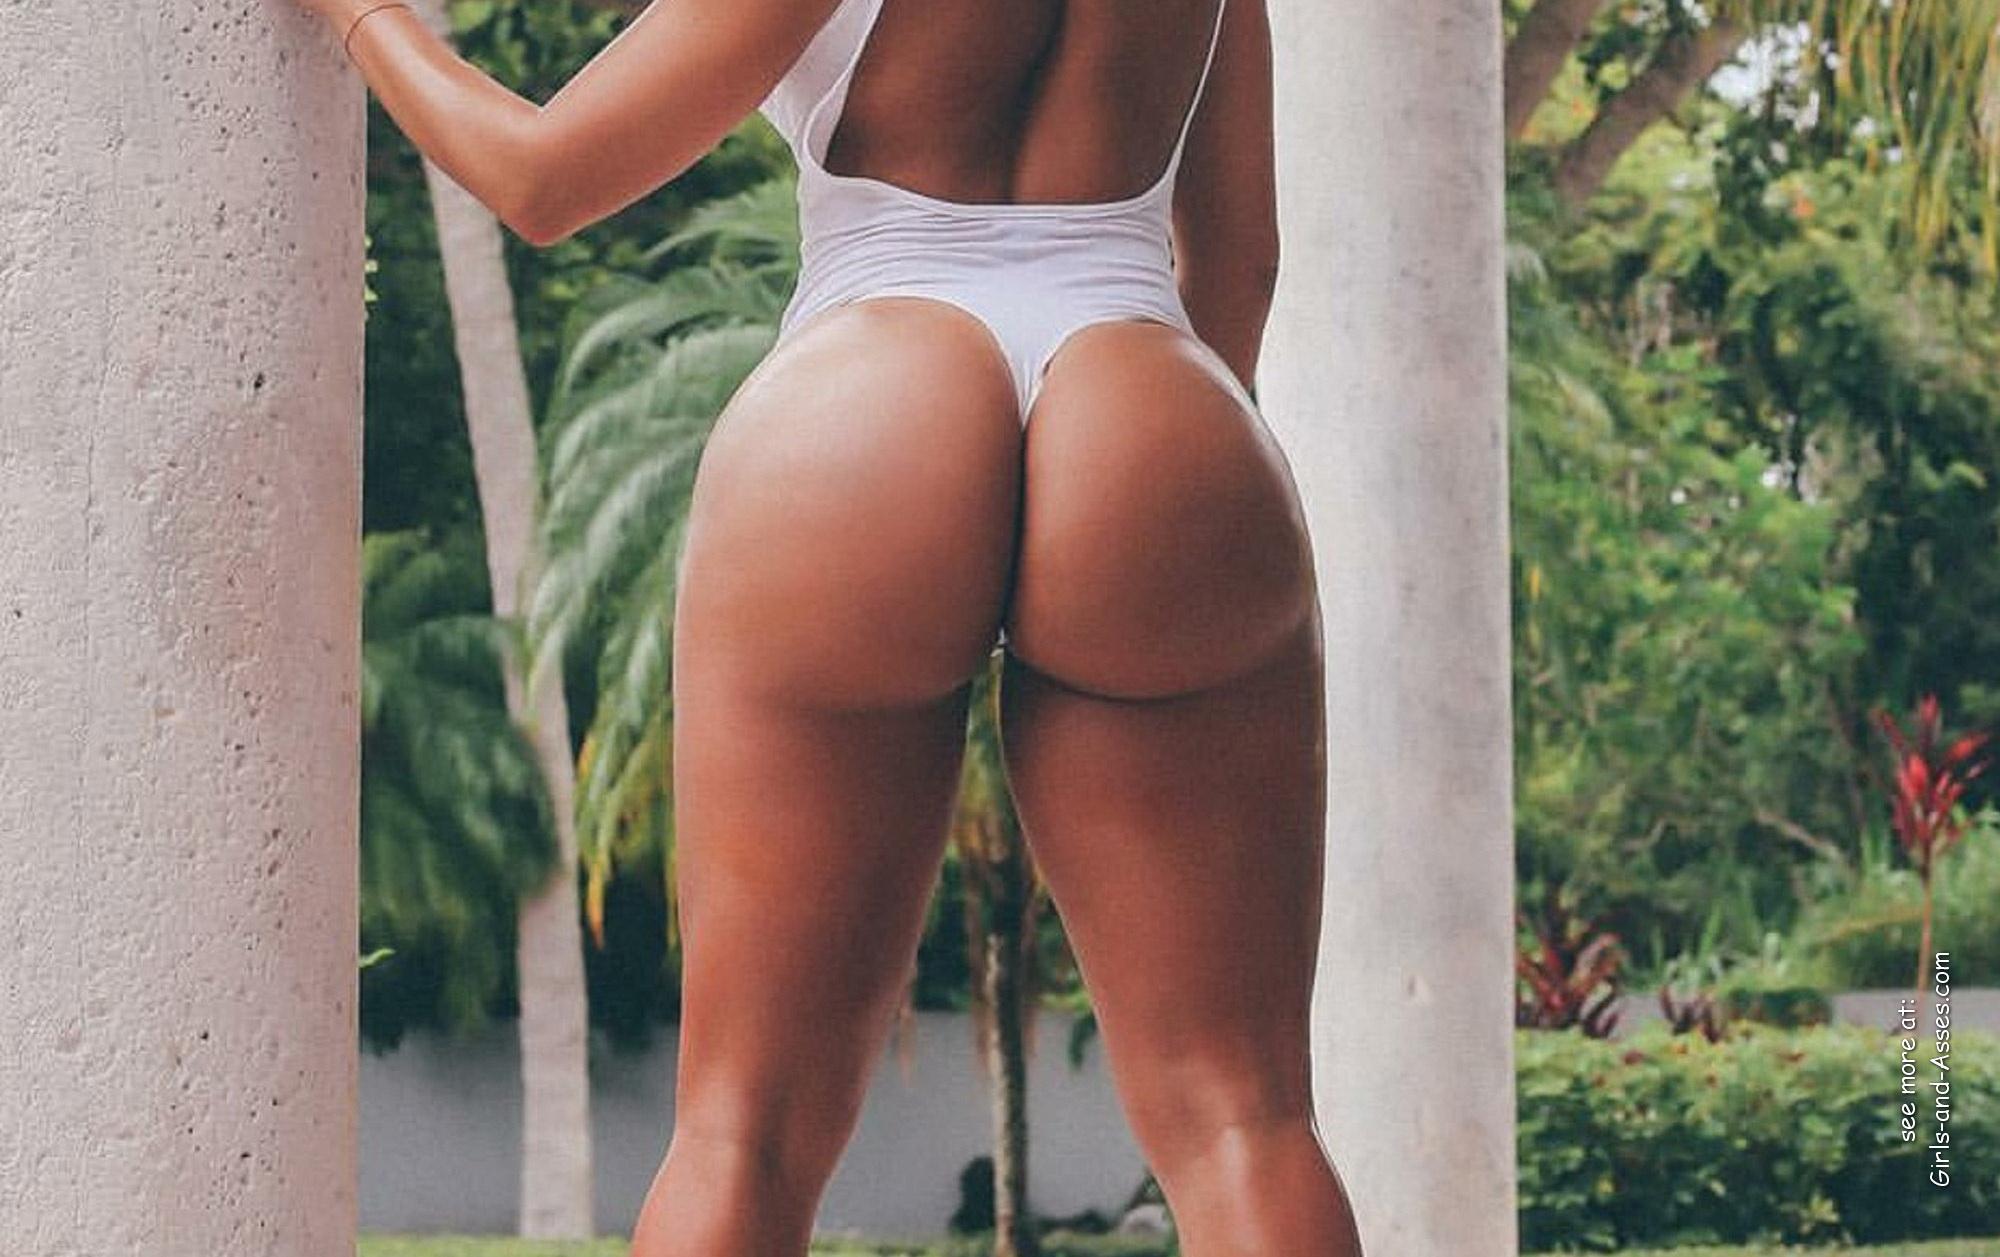 big assed naked brazilian babe photo 04500